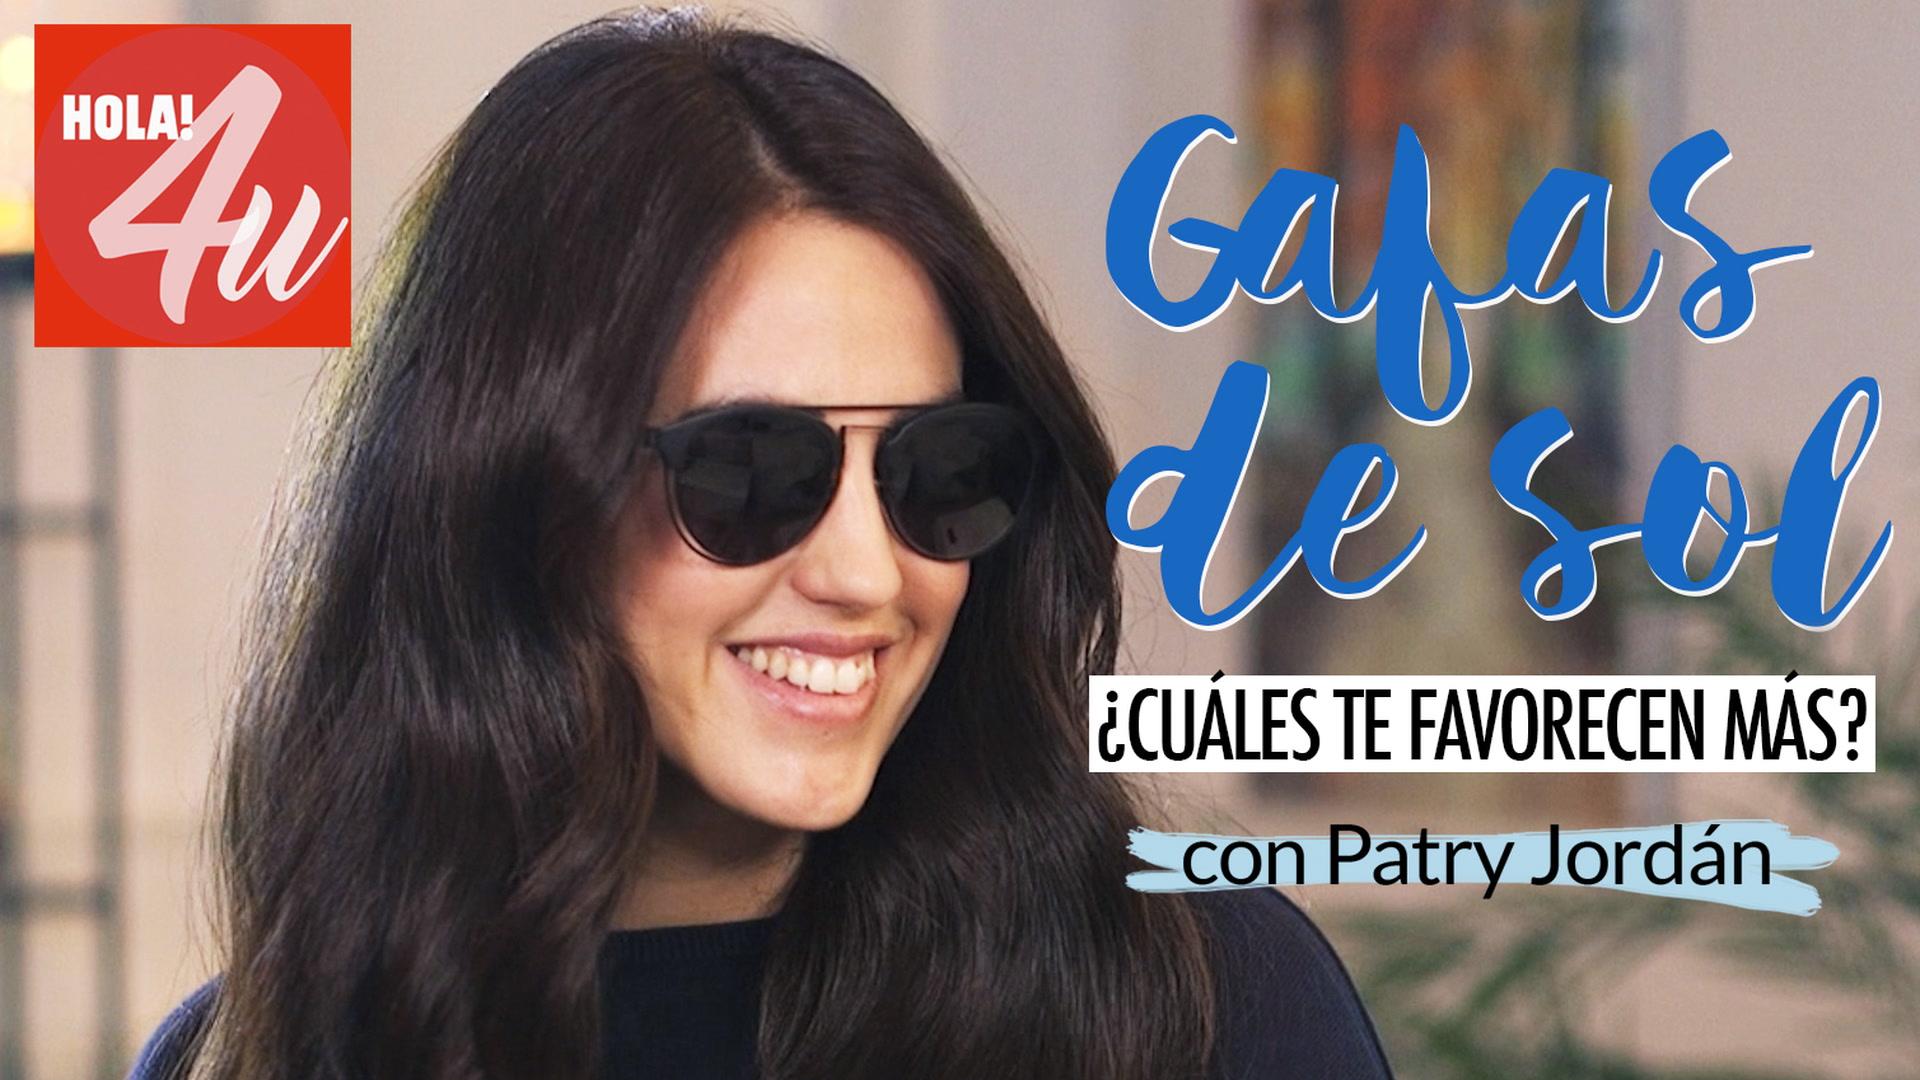 Gafas de sol, ¿cuáles te sientan mejor? con Patry Jordan